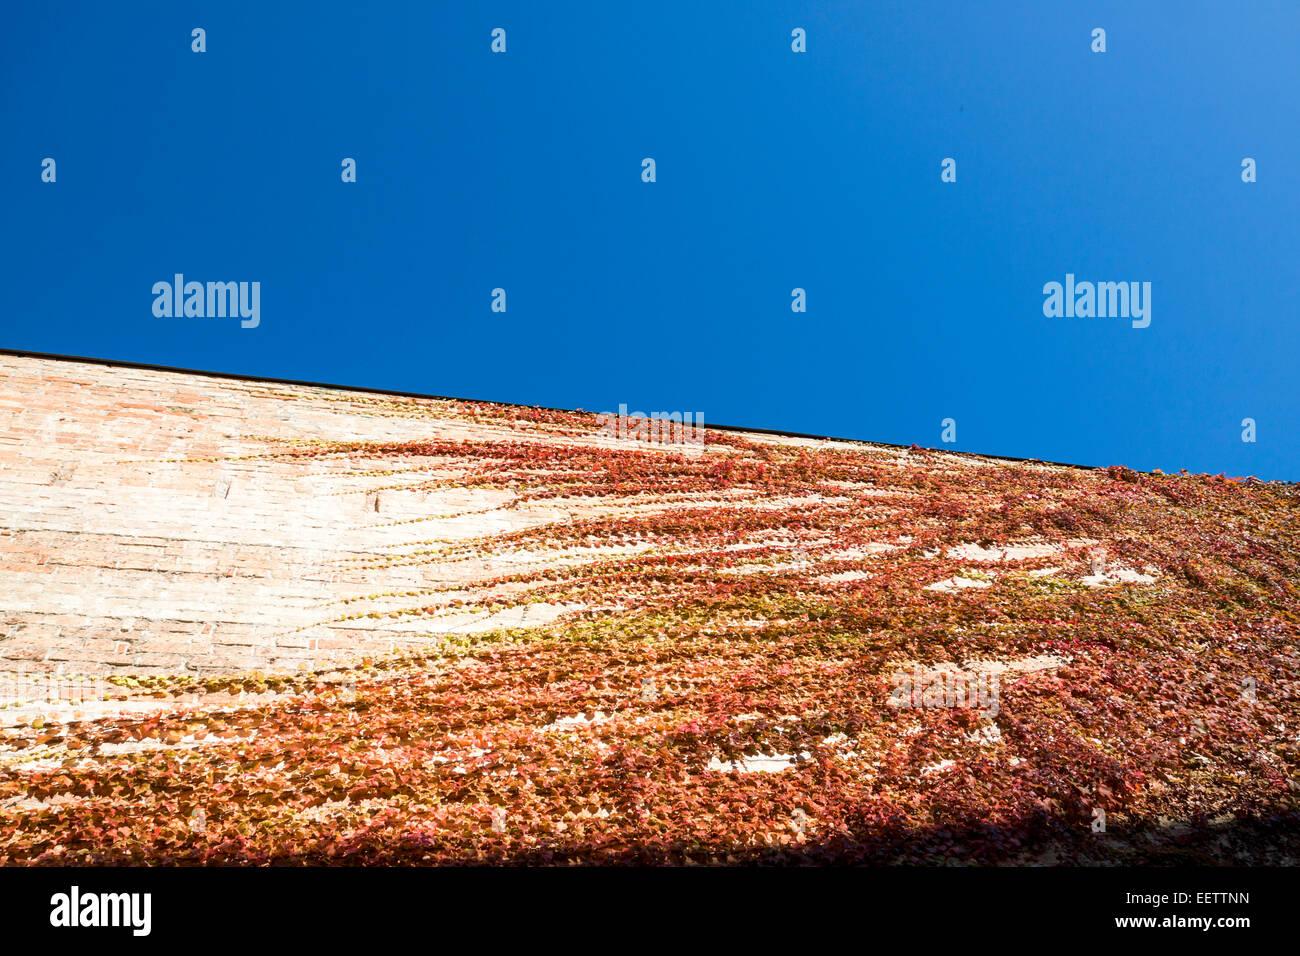 Dettagli e linee della parete di edera nel cielo blu. Venezia, Veneto. Italia Foto Stock